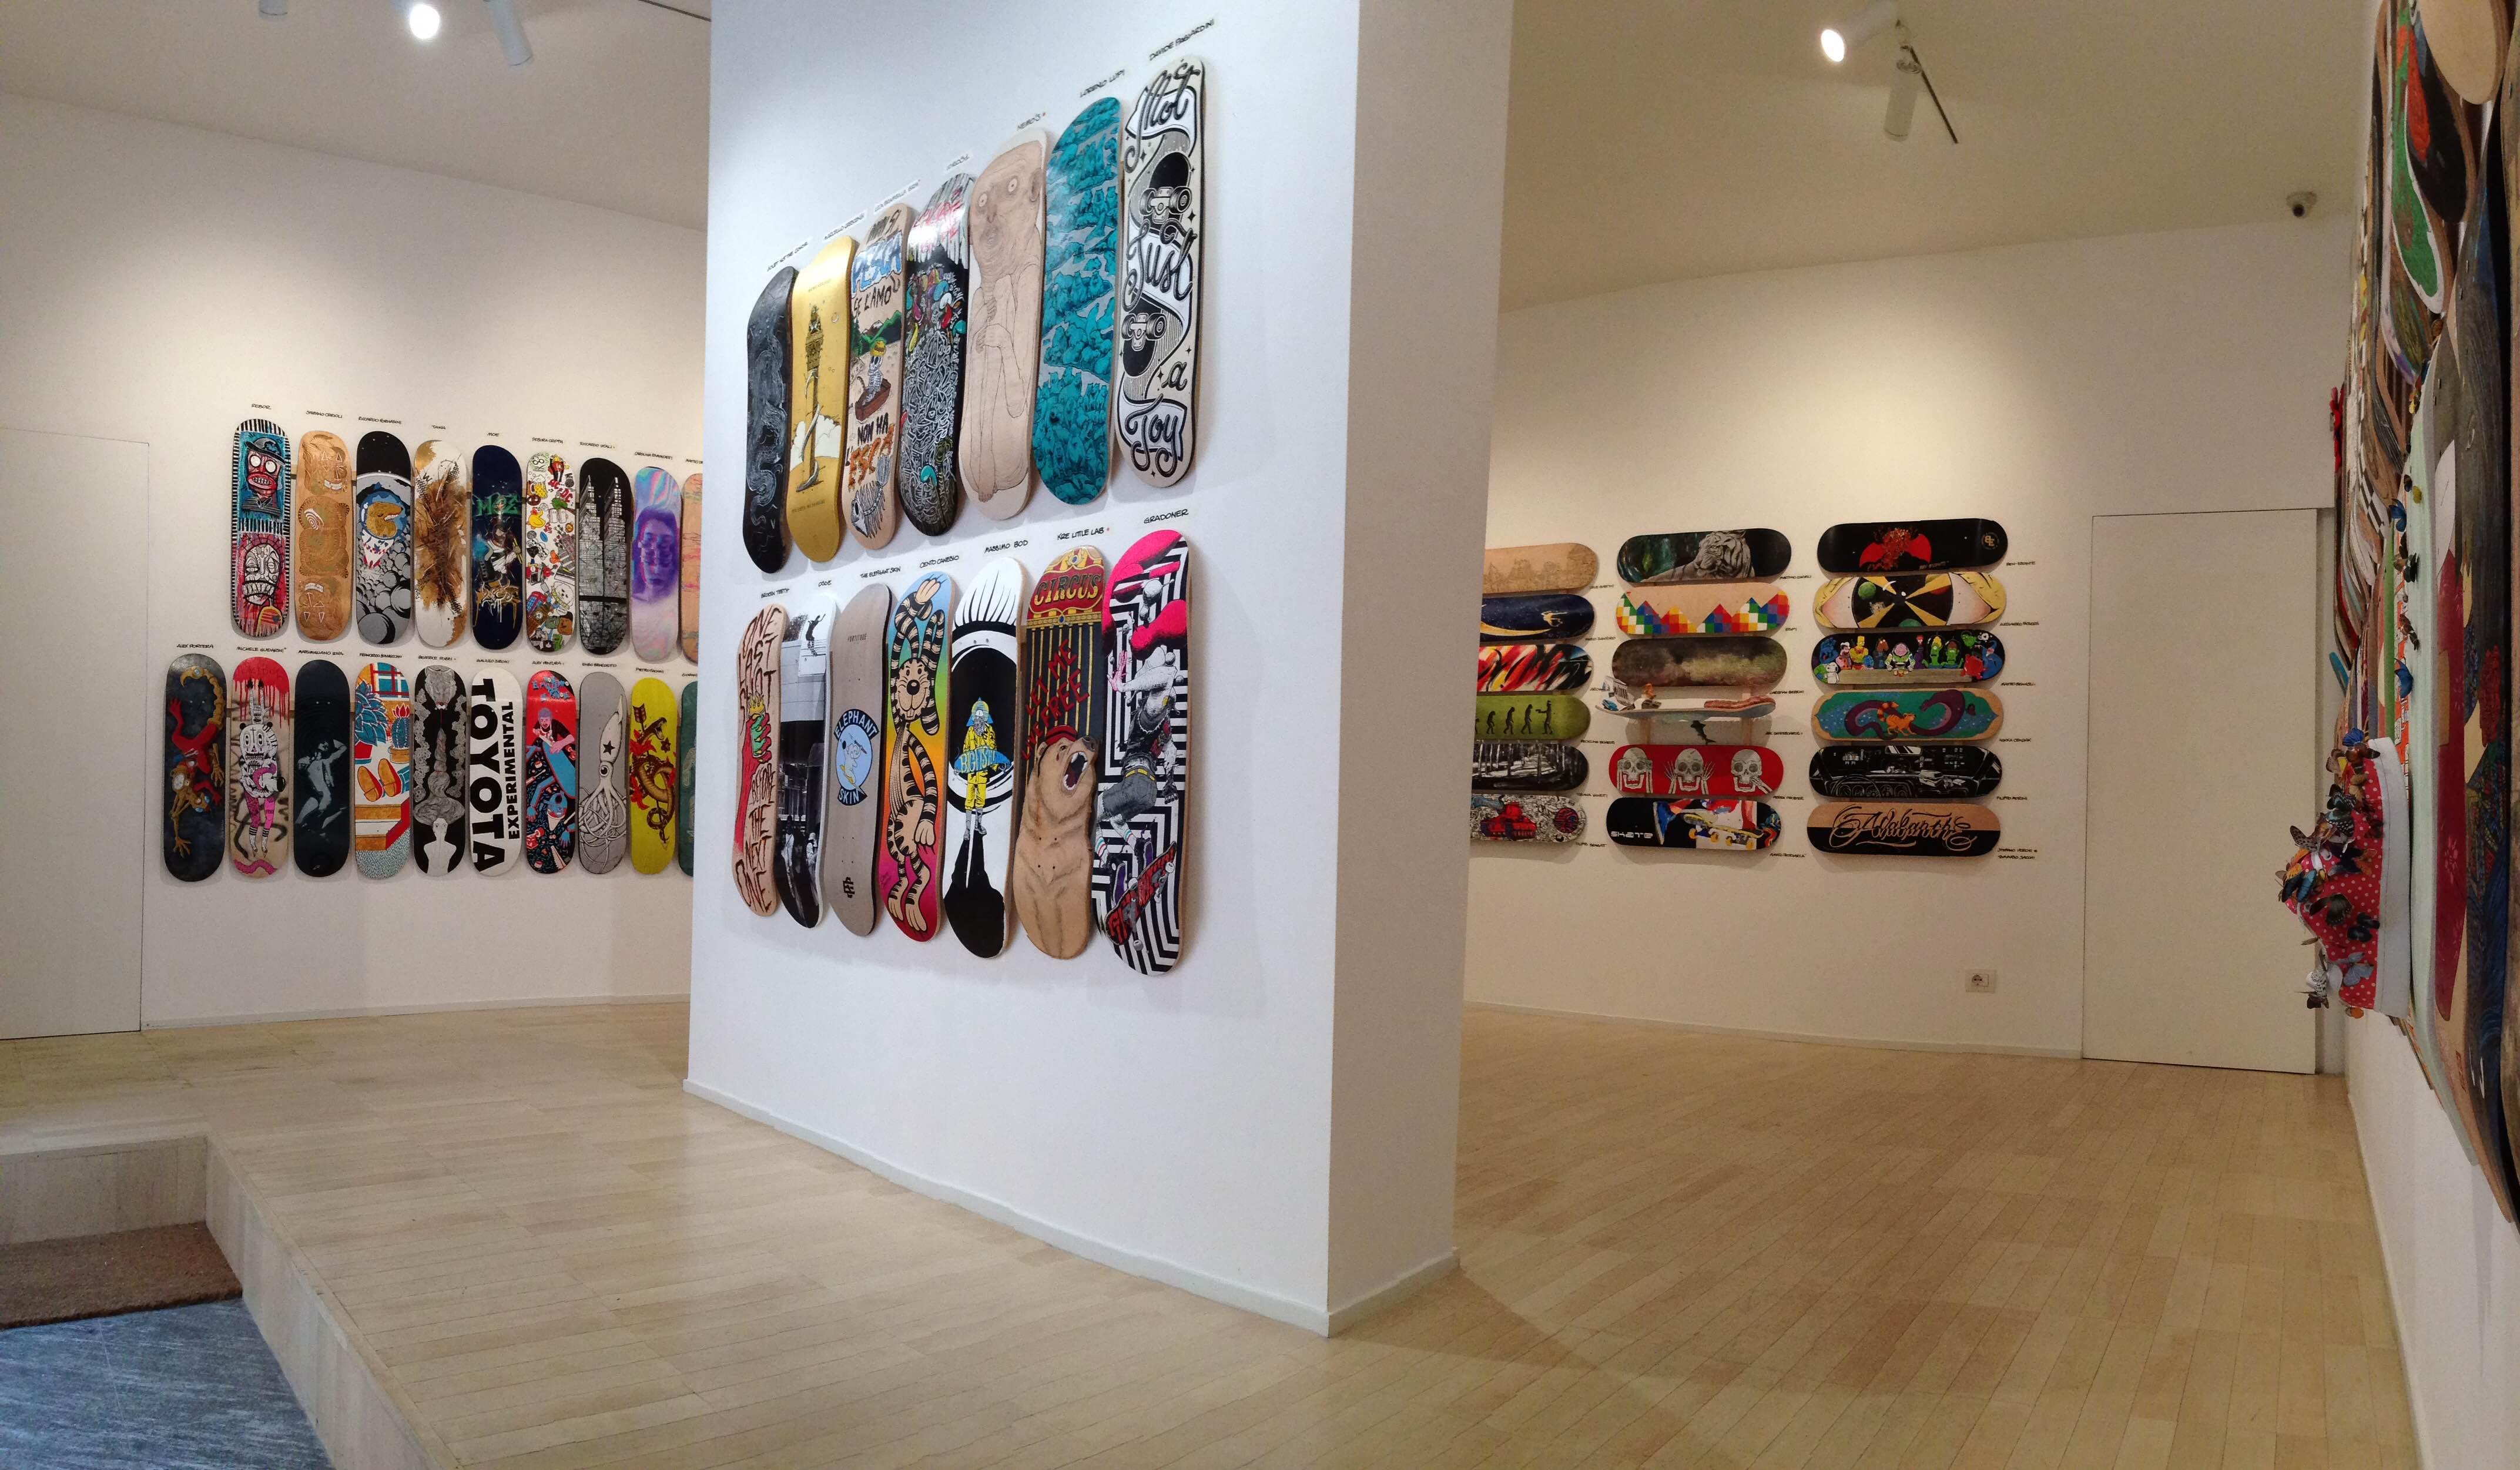 Galleria Seno http://www.galleriaseno.com/skateboardsconfluence.asp